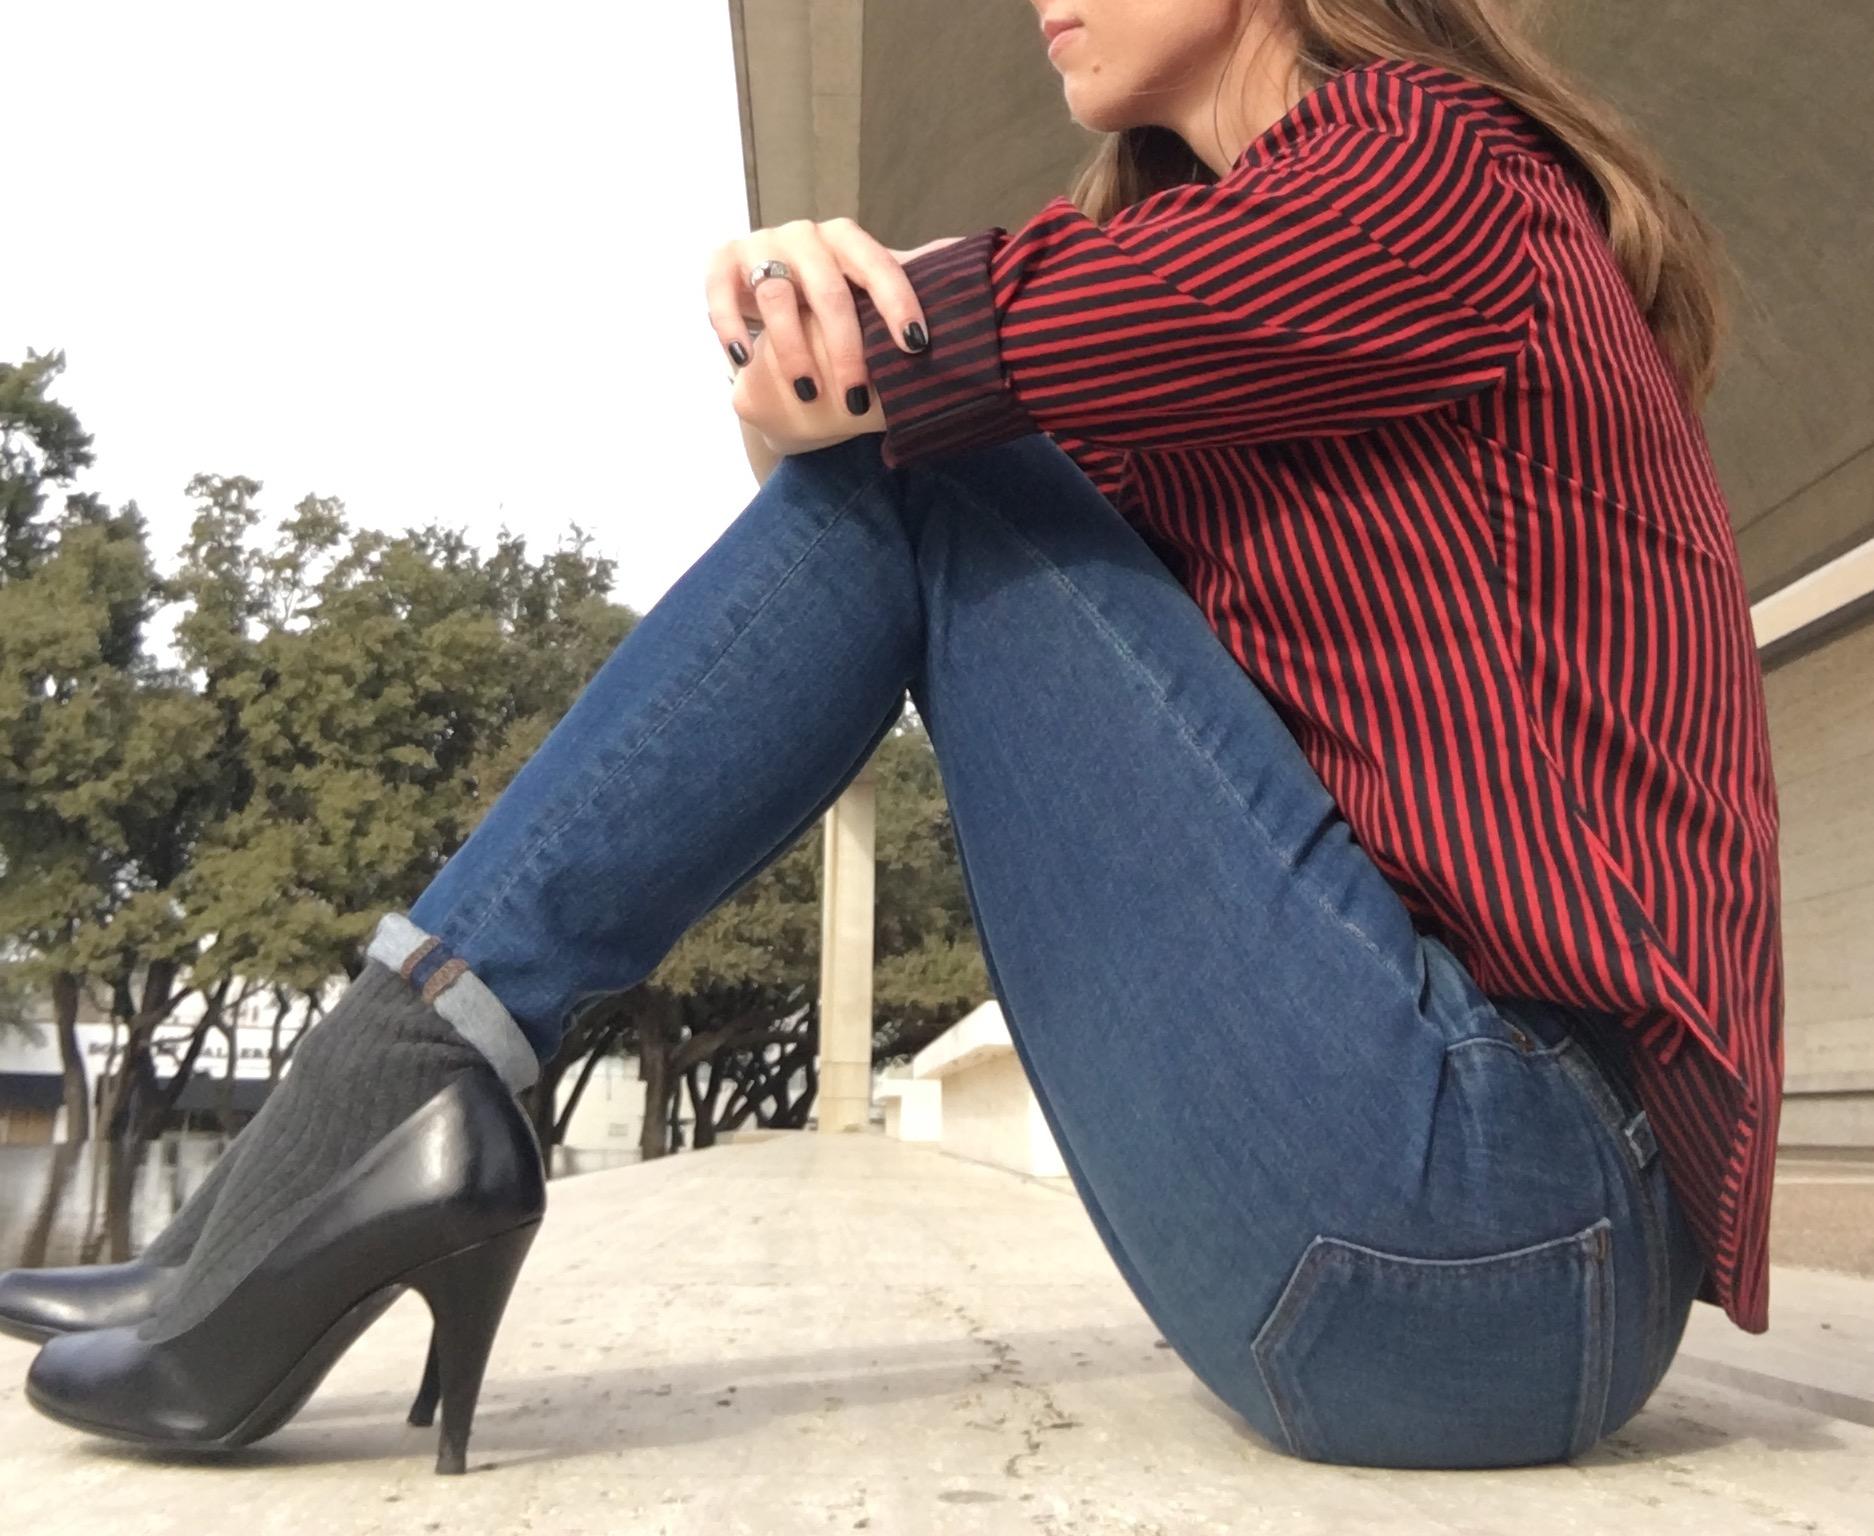 jeans-heels-stripes.jpg